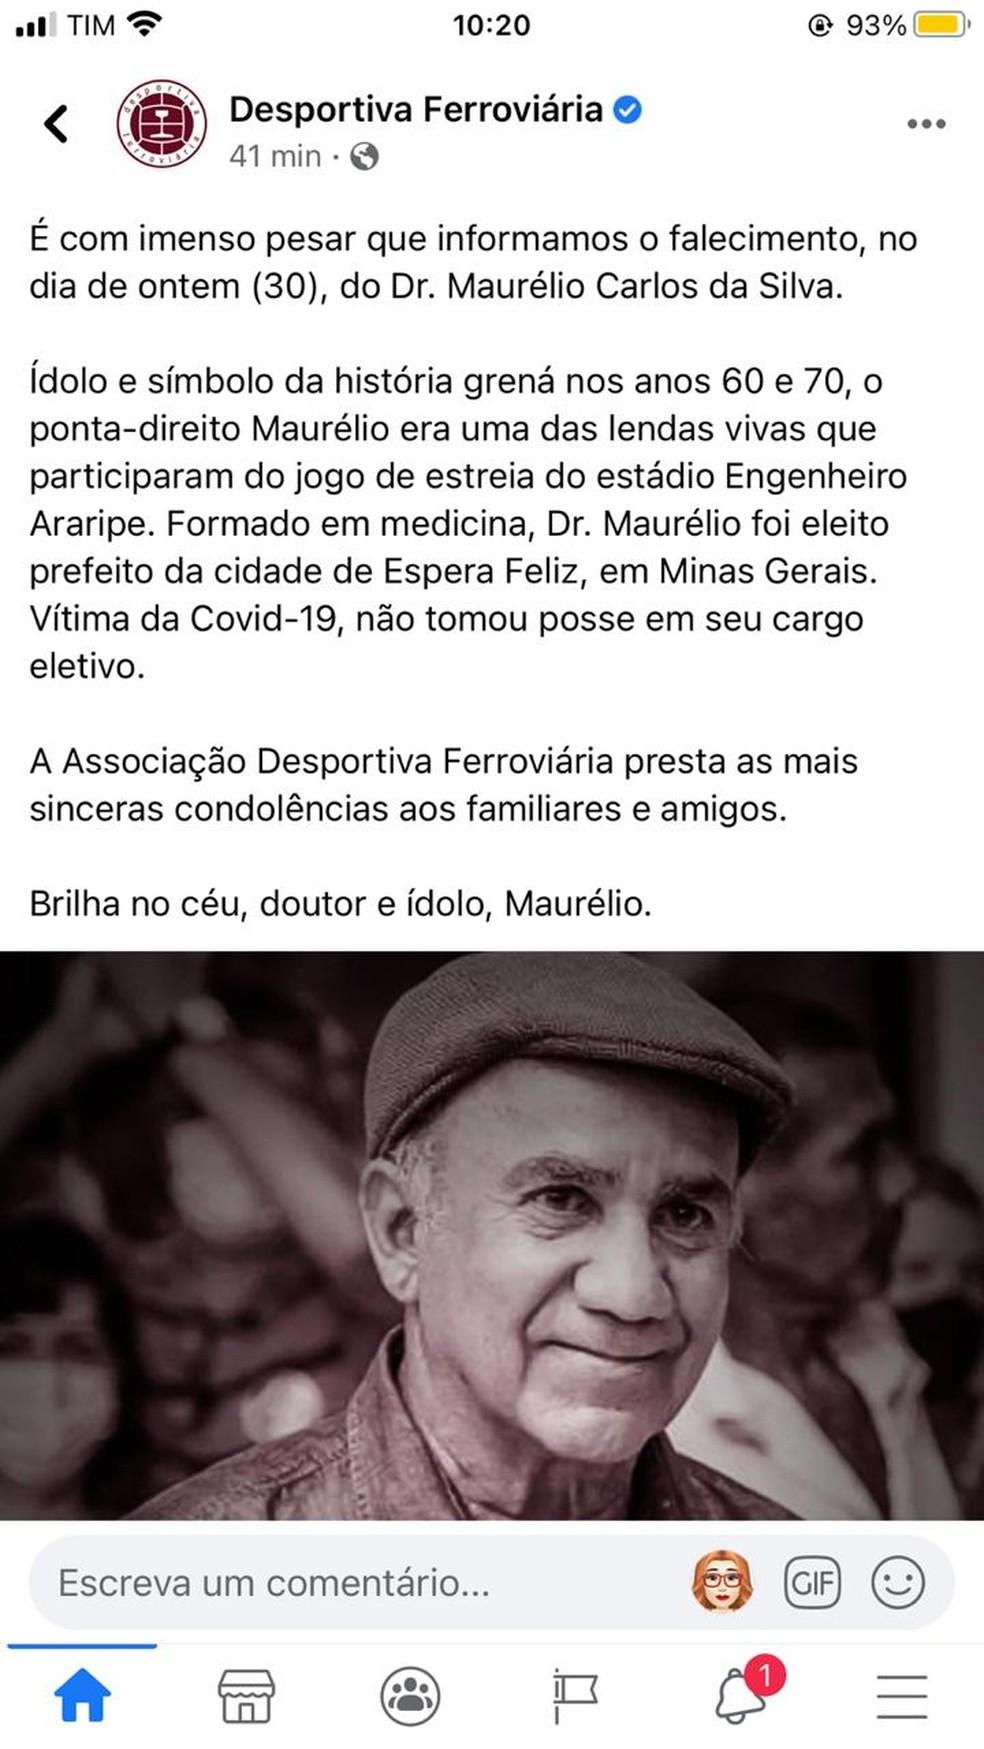 Desportivo Ferroviária também prestou homenagem ao prefeito eleito de Espera Feliz — Foto: Facebook/Reprodução